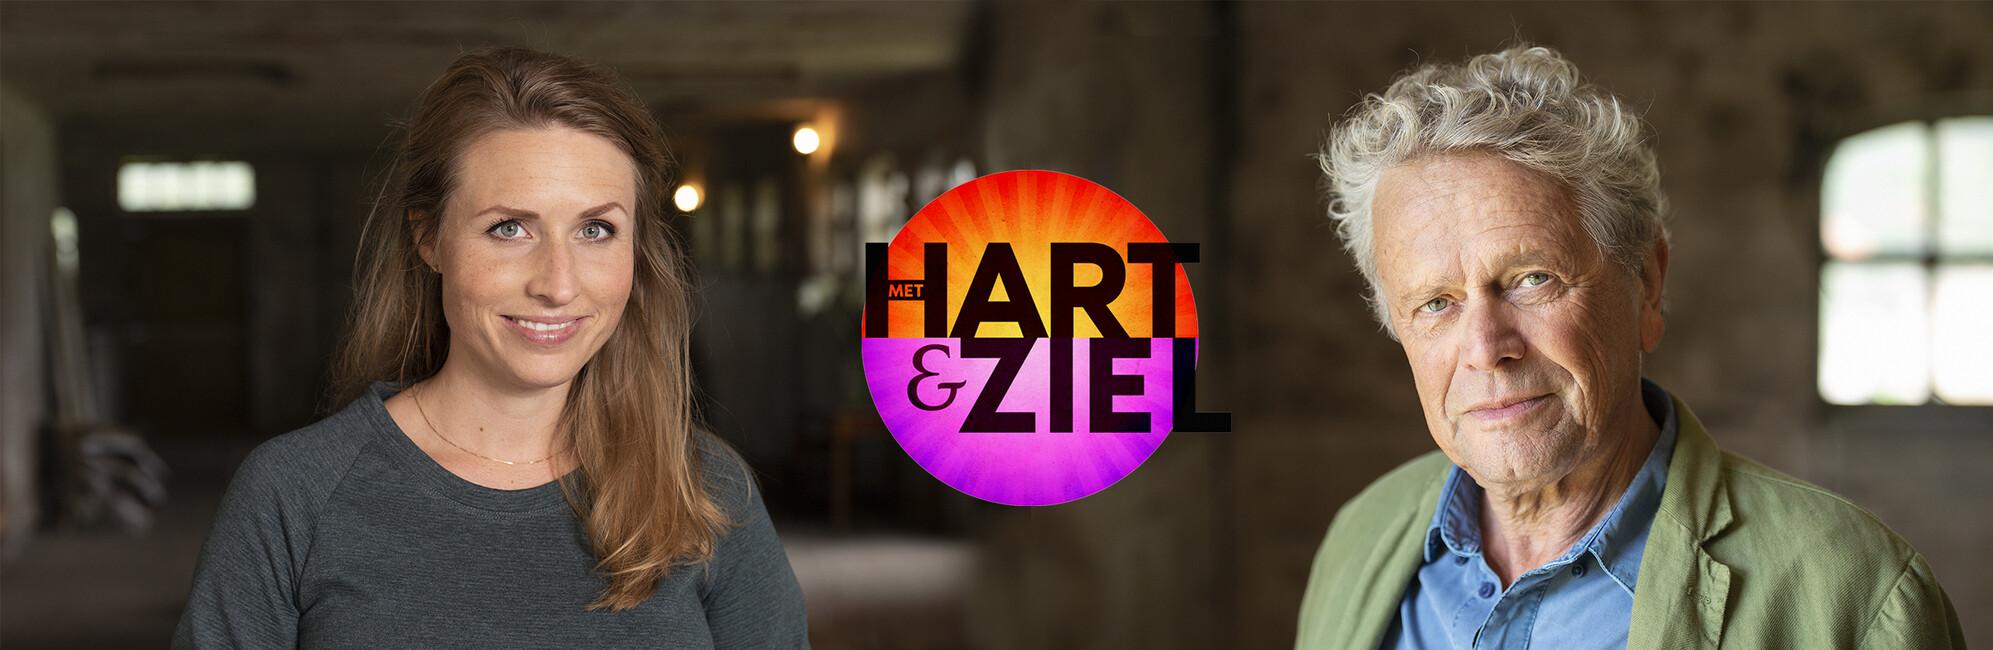 Met Hart En Ziel - Seizoen 5 Afl. 24 - Met Hart En Ziel Pinksterviering